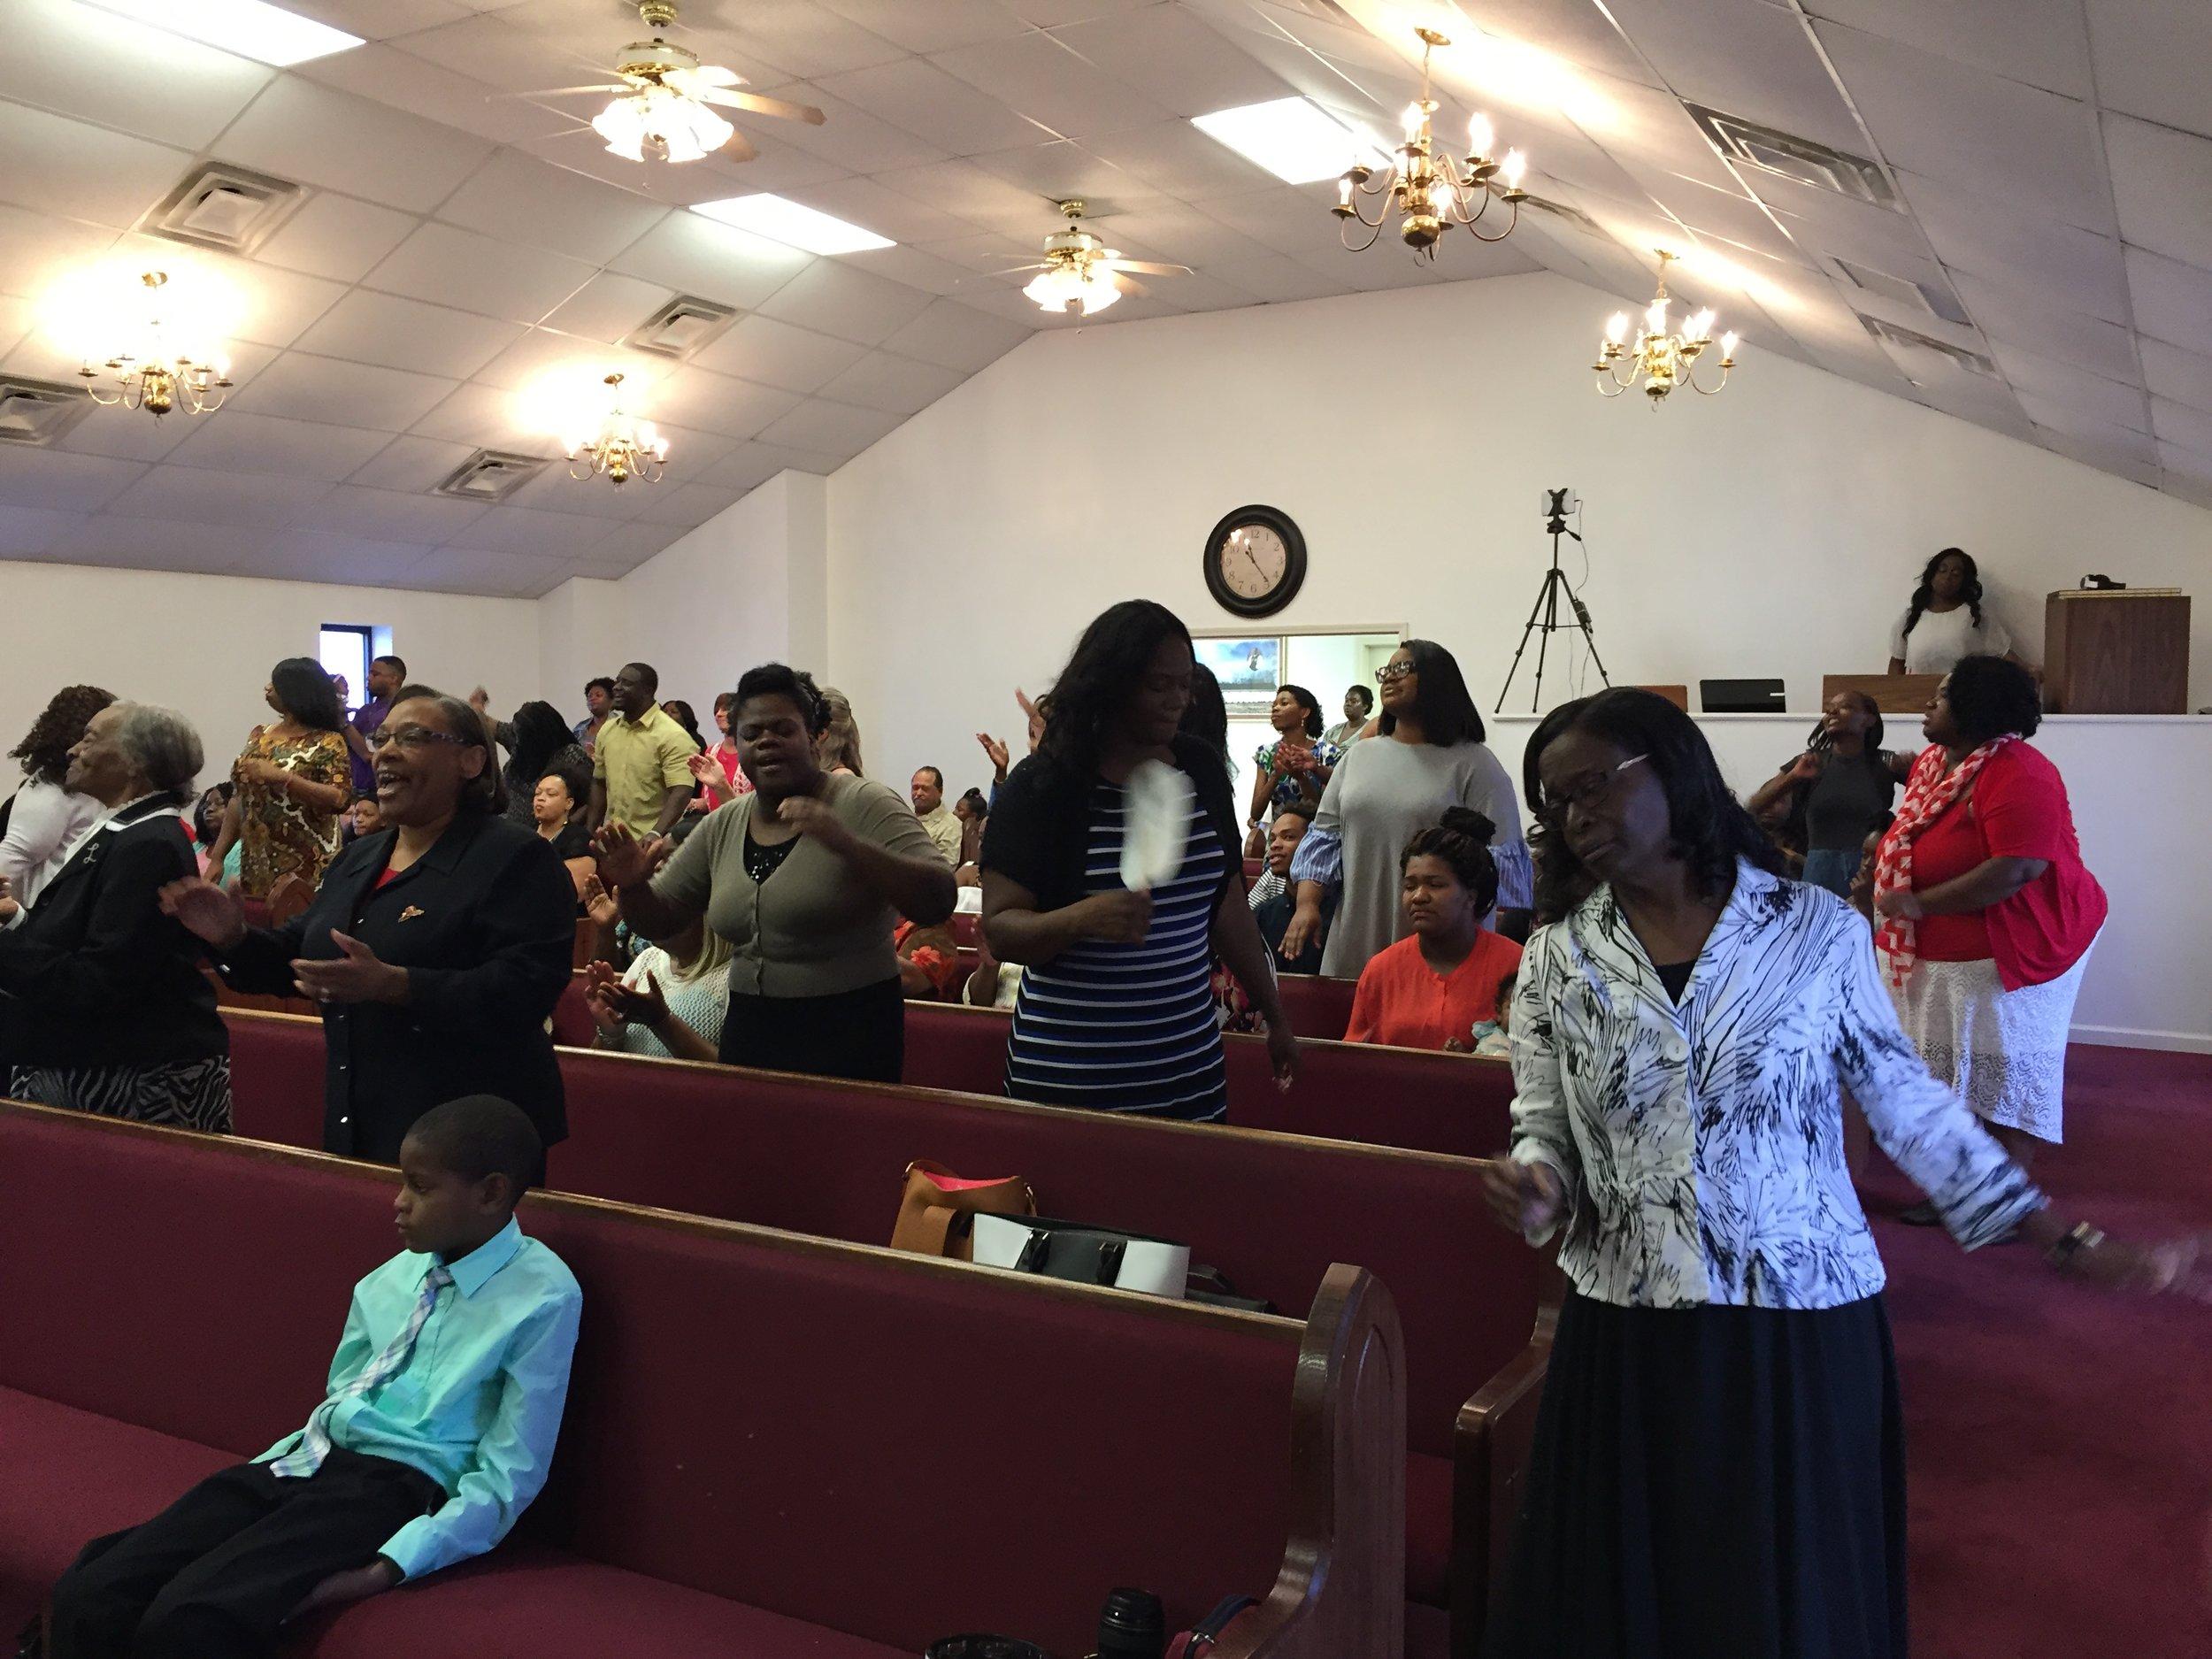 Church pics sep172017-07.jpg